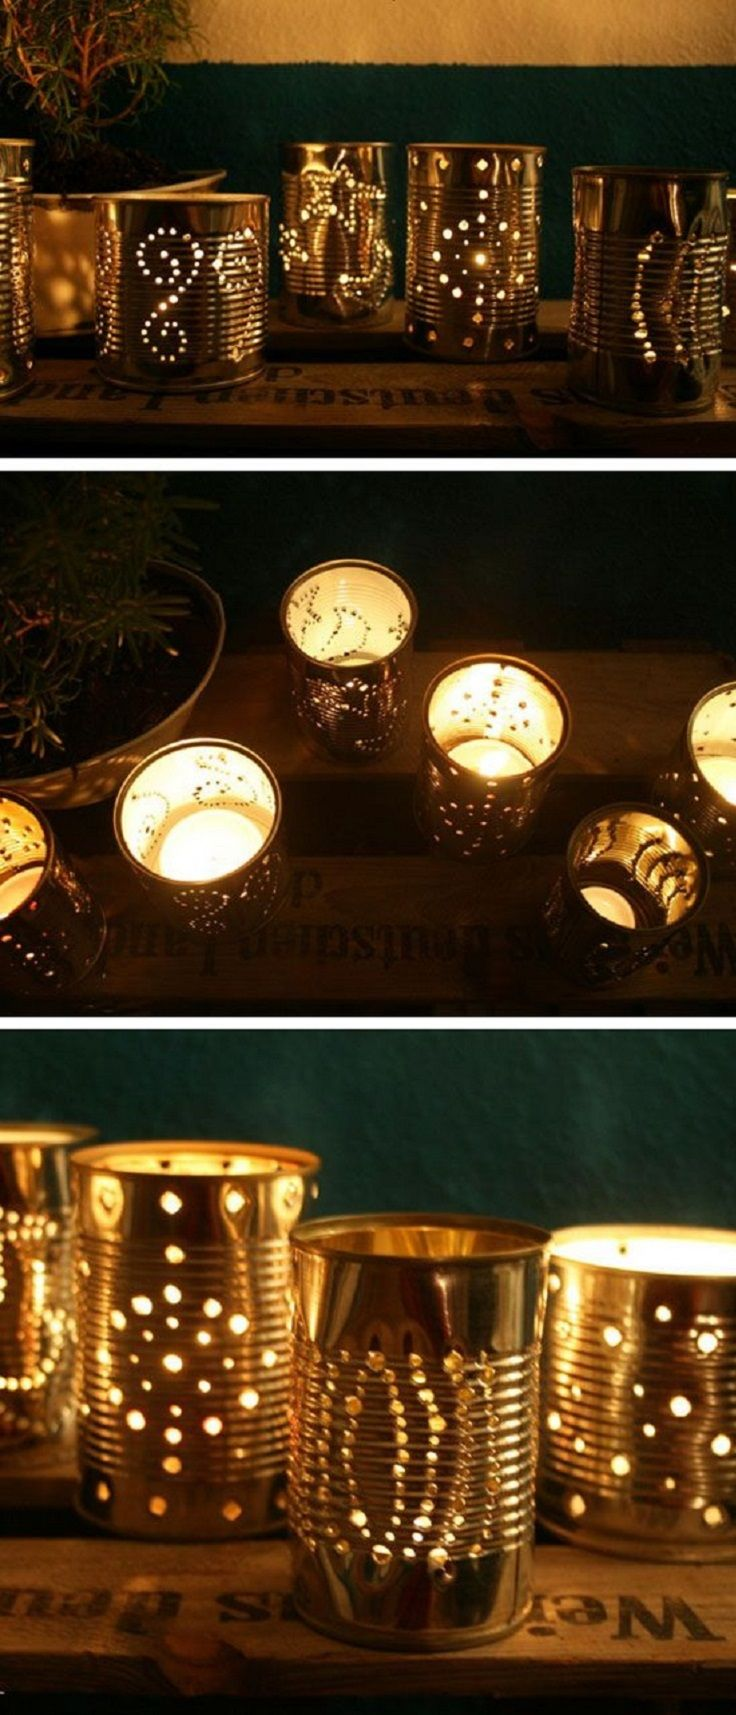 Tin Can Diy Lanterns A Hyper Creative Diy Outdoor Lighting Idea For Your Backyard Tin Can Lanterns Diy Lanterns Diy Candle Holders